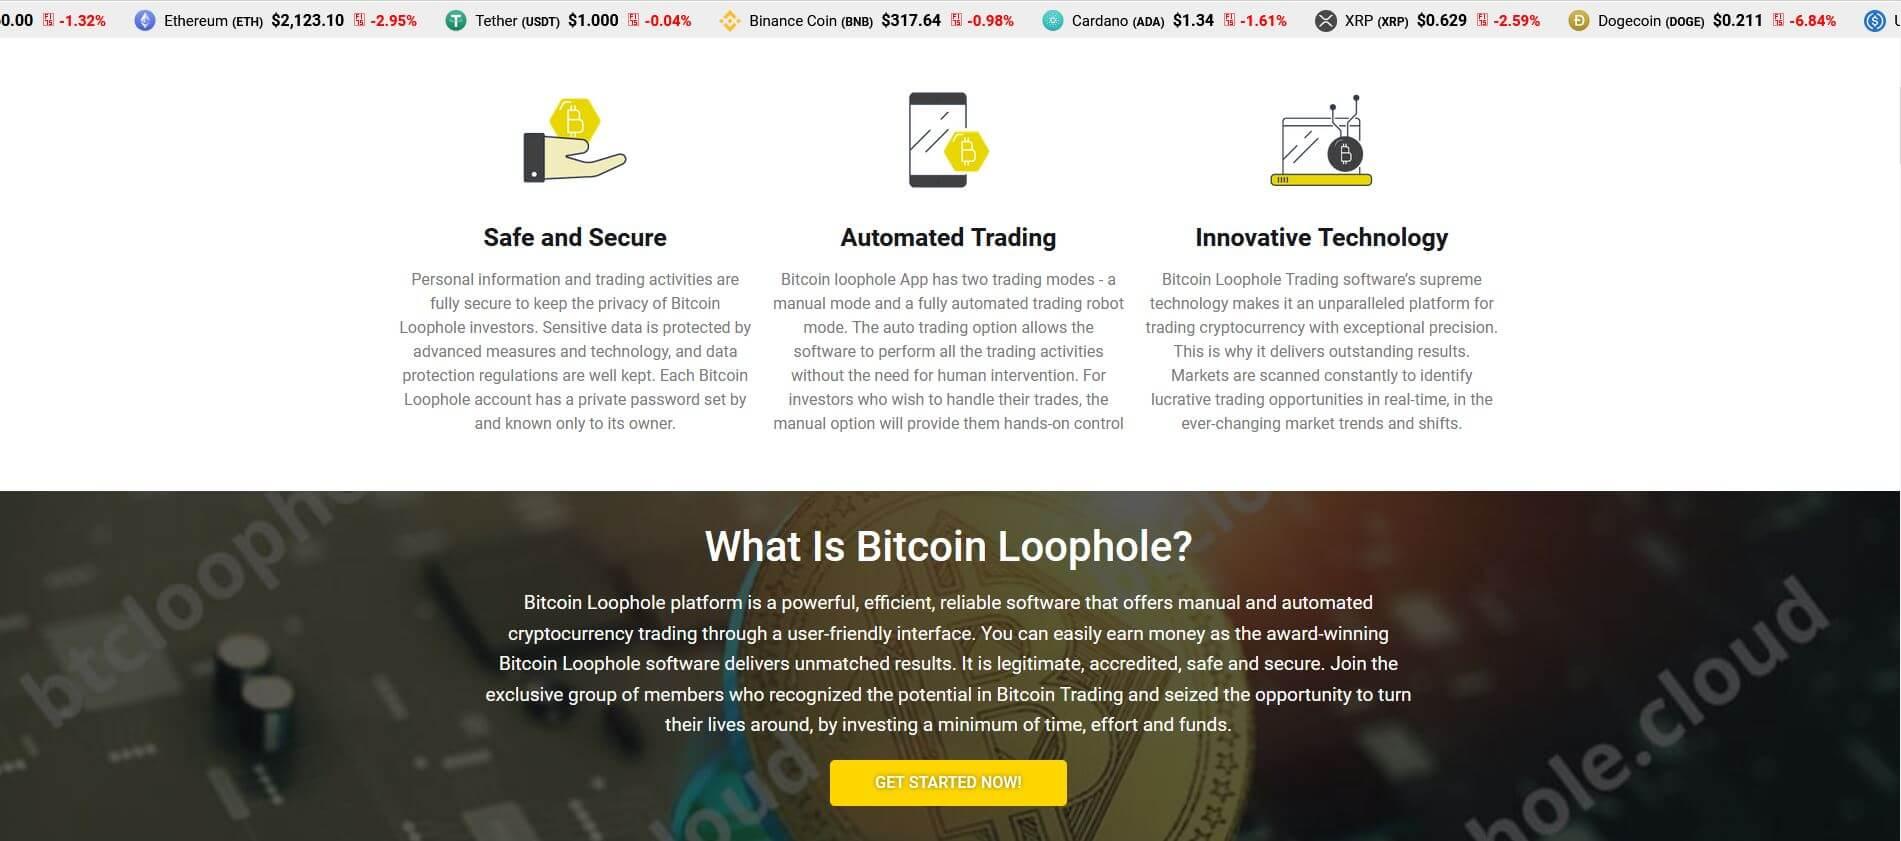 Welche App sollte ich in Bitcoin investieren?